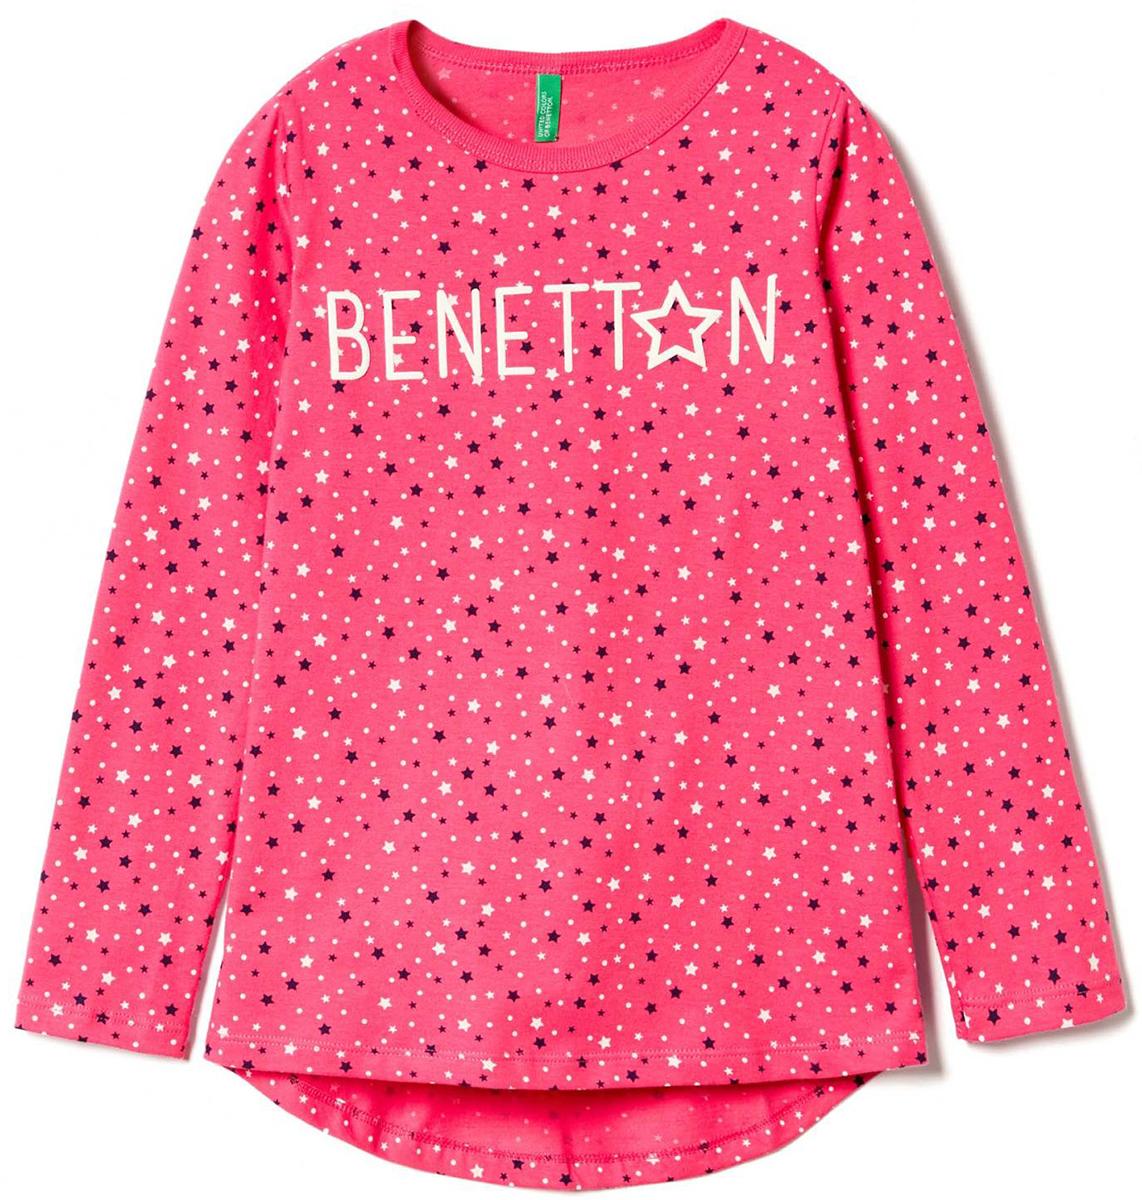 Лонгслив для девочки United Colors of Benetton, цвет: розовый. 3DY0C12VD_920. Размер 823DY0C12VD_920Лонгслив для девочки United Colors of Benetton выполнен из хлопка. Модель с круглым вырезом горловины и длинными рукавами.